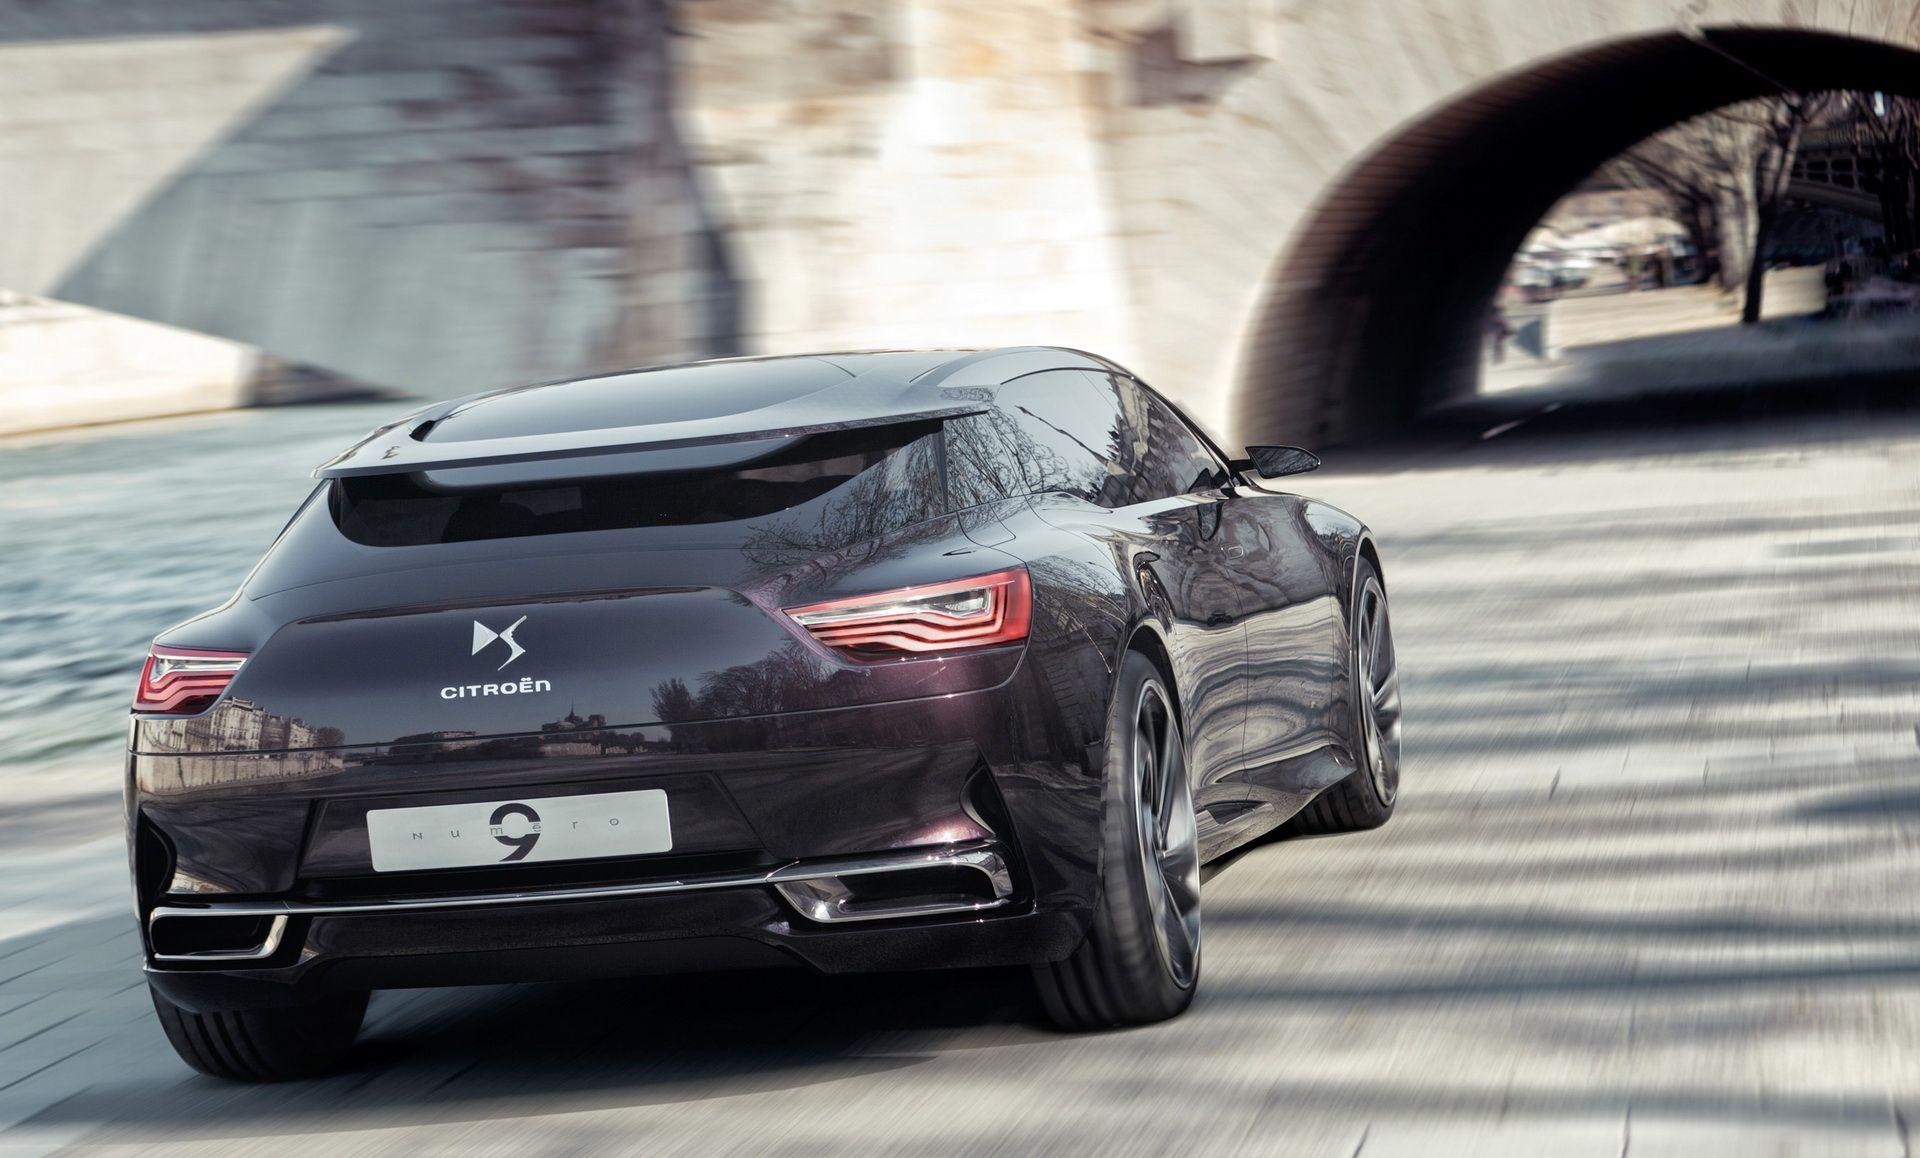 DS prepara un modelo para rivalizar con el BMW Serie 5 y Mercedes Clase E